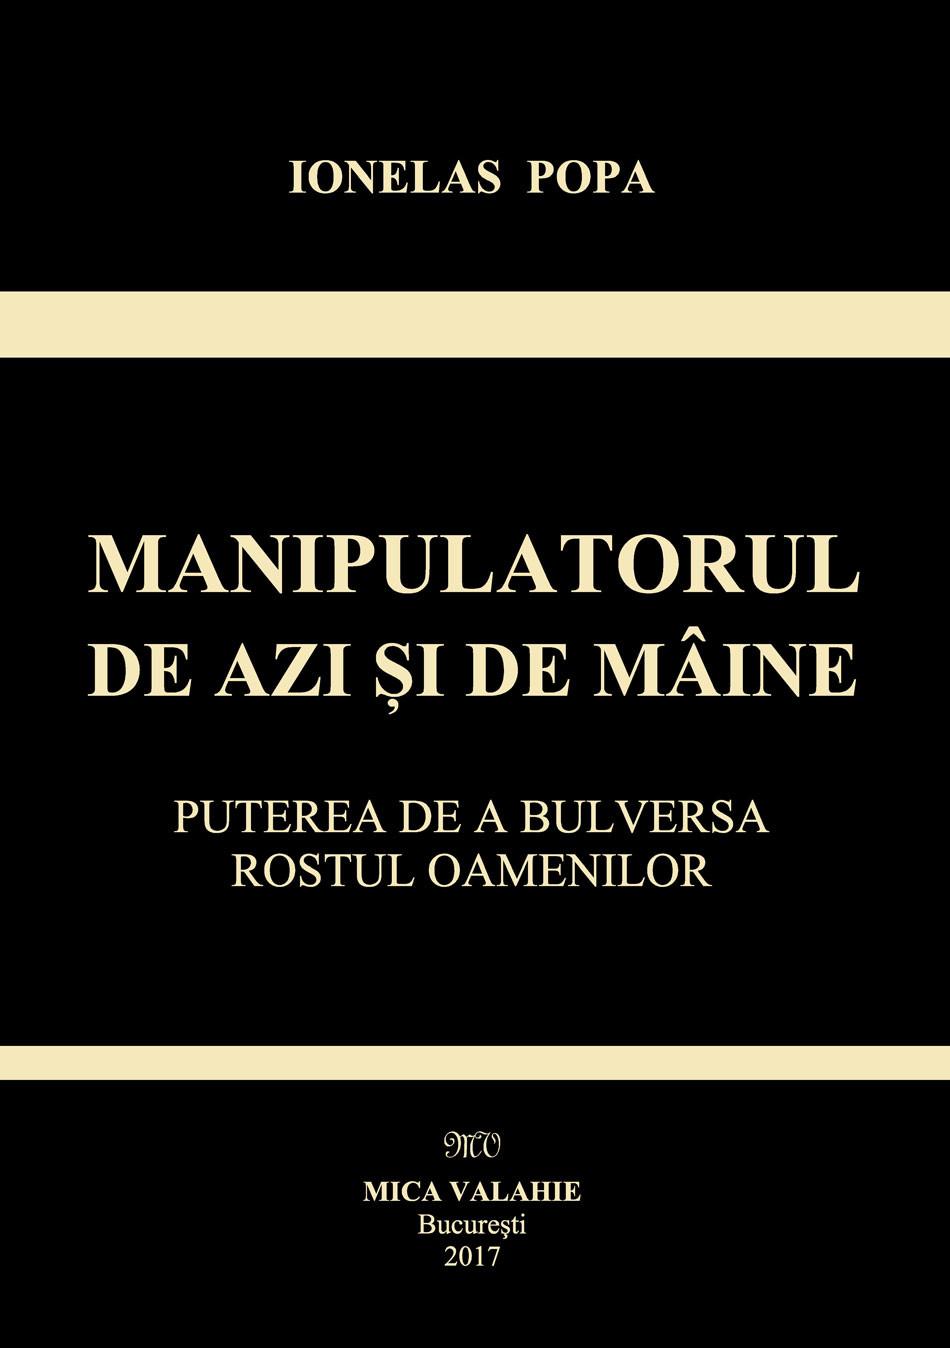 PDF ePUB Manipulatorul de azi si de maine. Puterea de a bulversa rostul oamenilor de Ionelas Popa